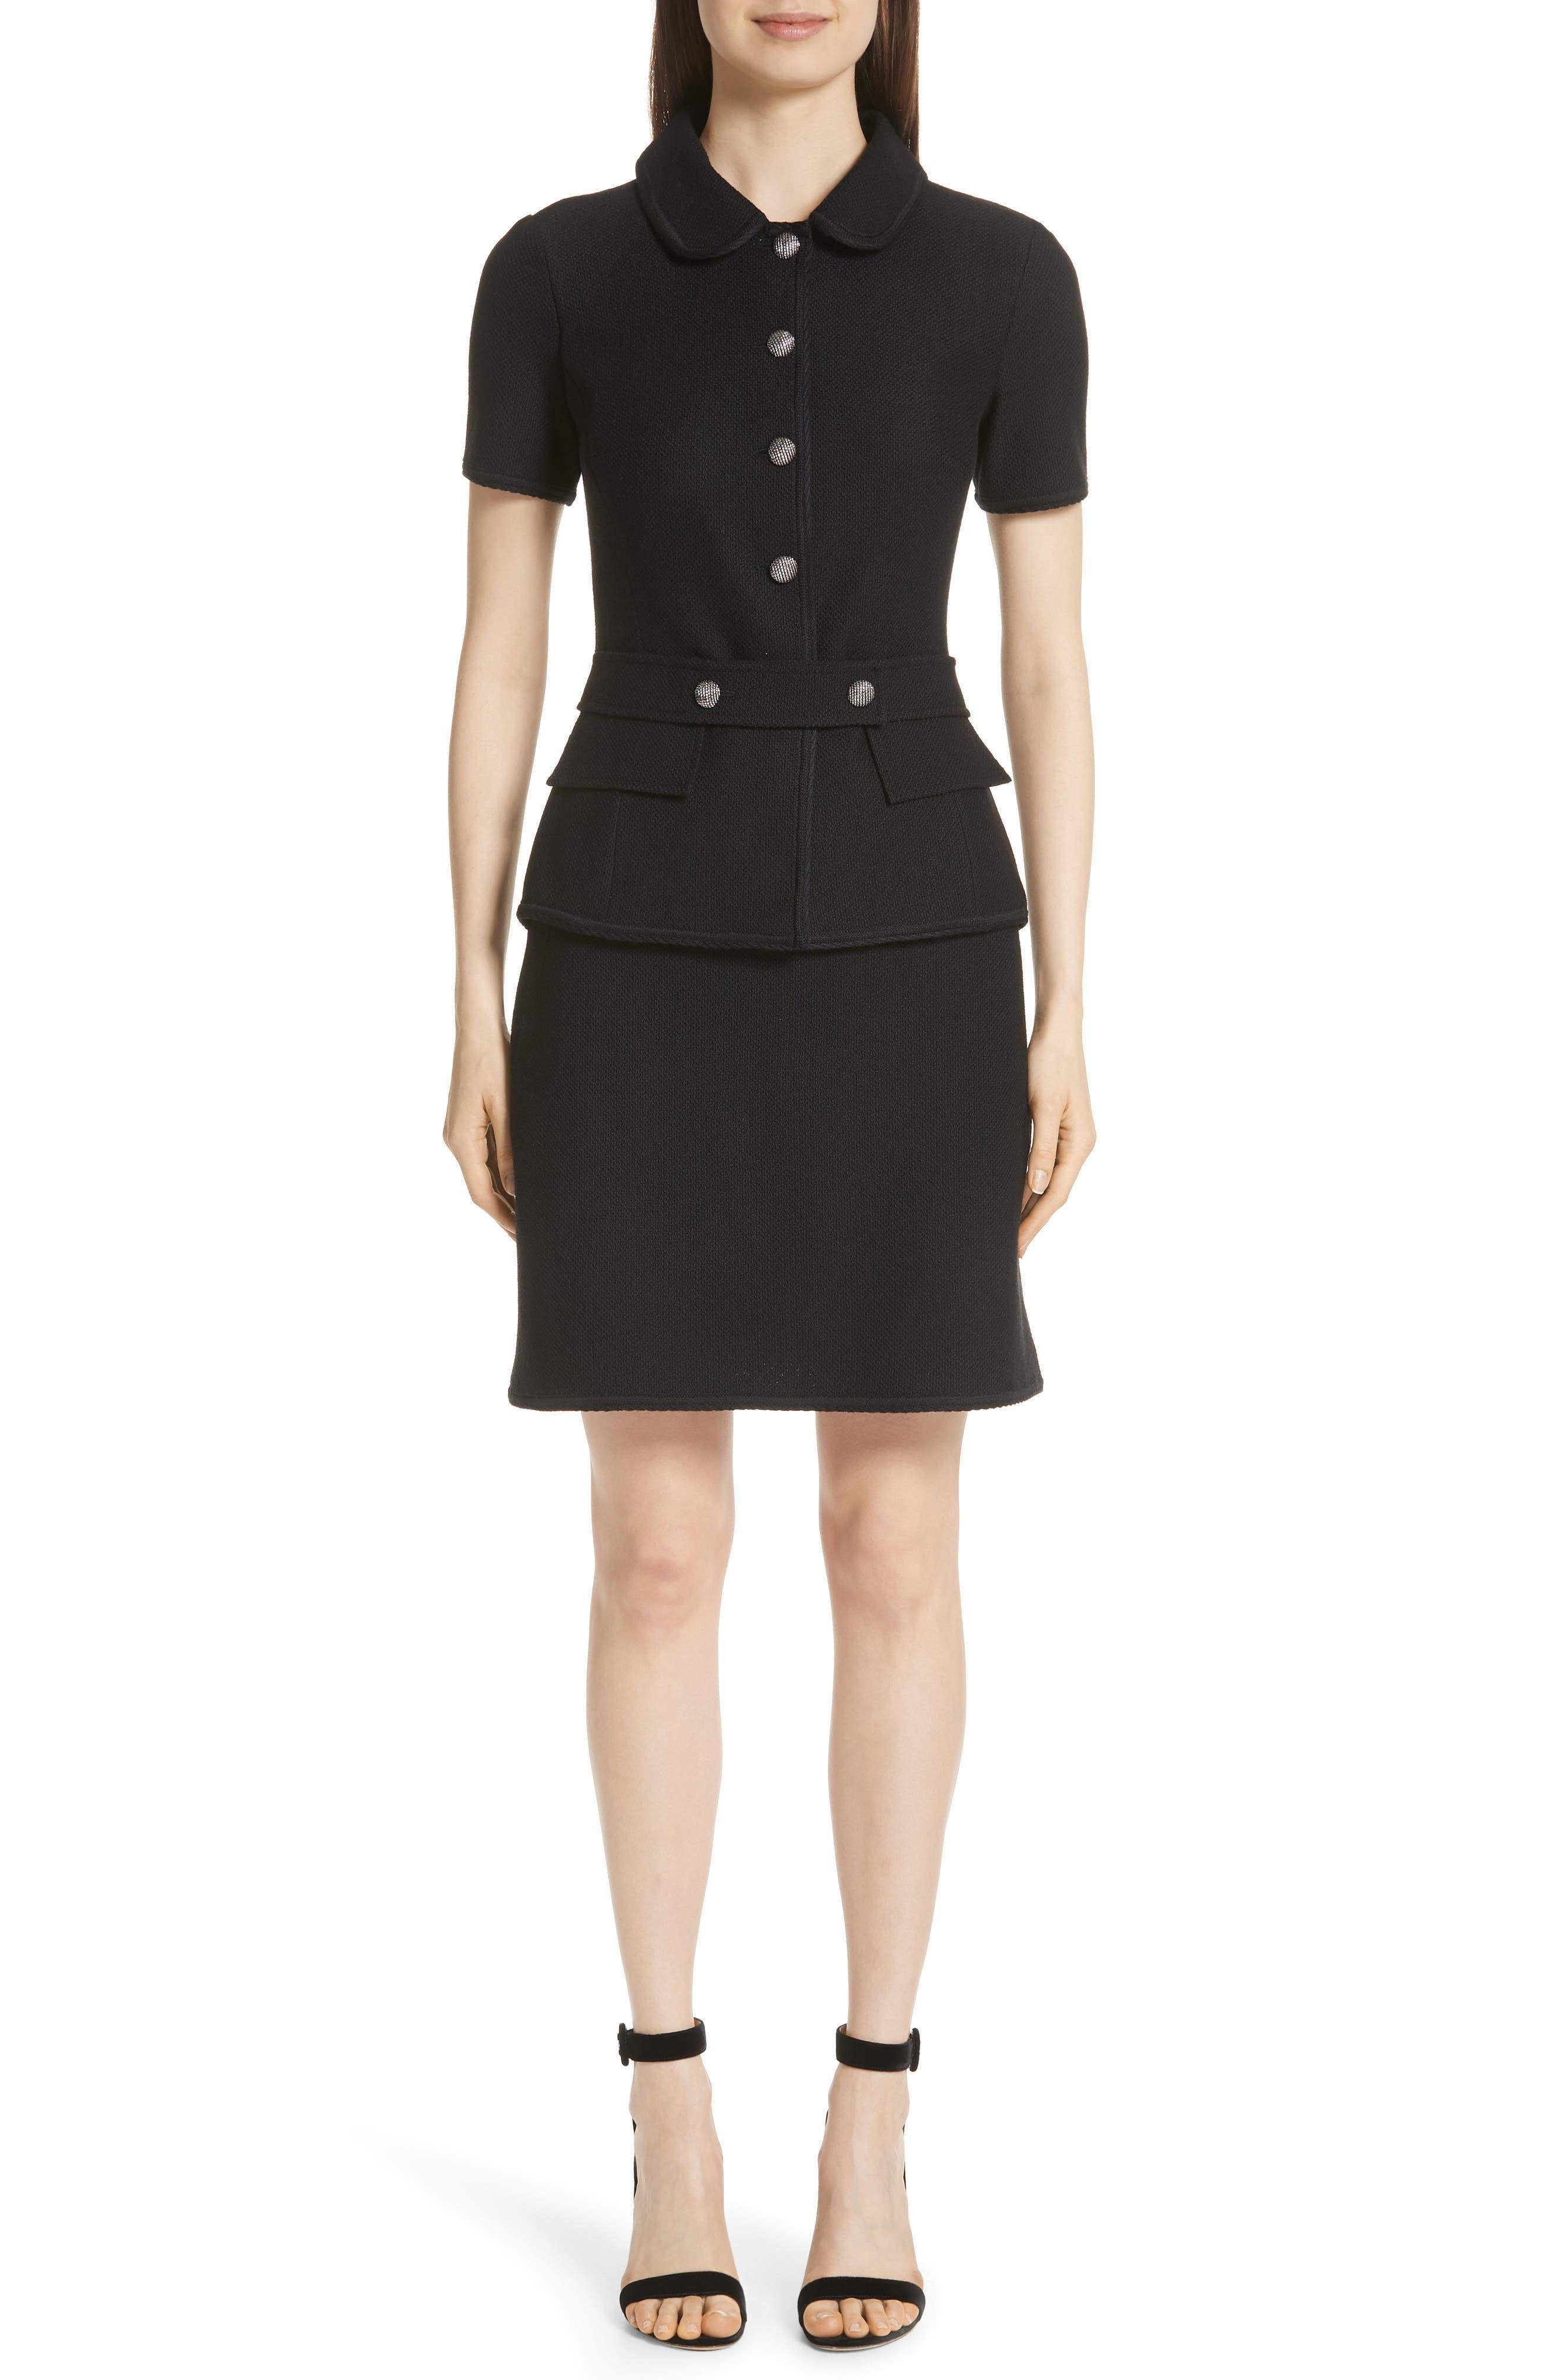 ST. JOHN COLLECTION Gail Knit Dress, Main, color, CAVIAR/ CAVIAR